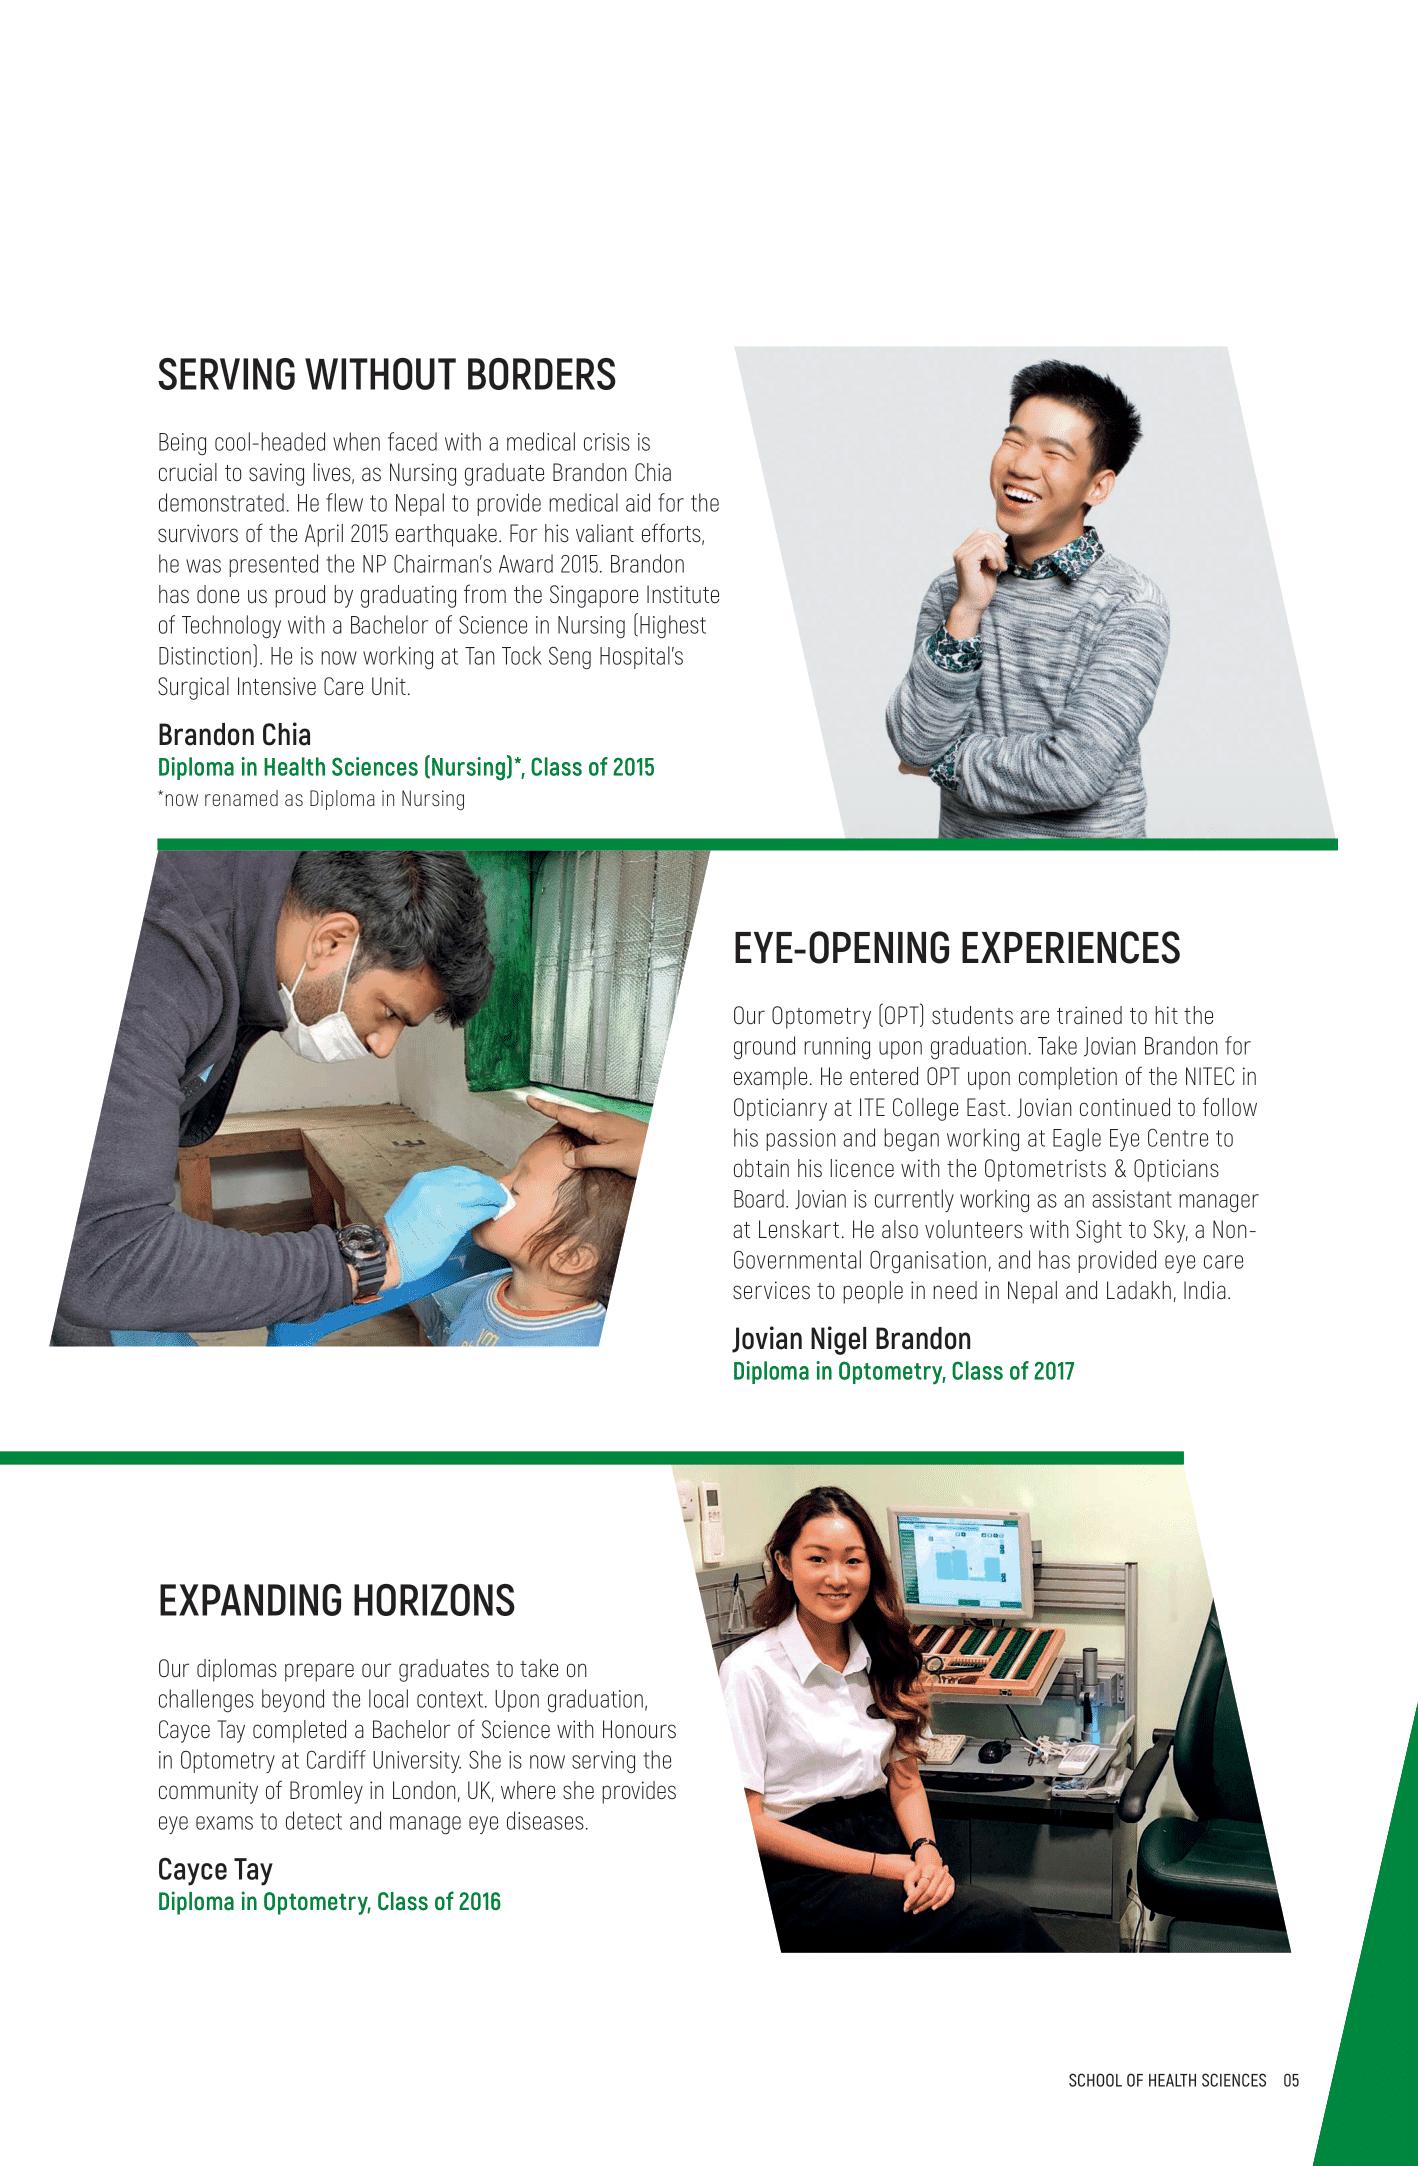 School of Health Sciences 2020-07